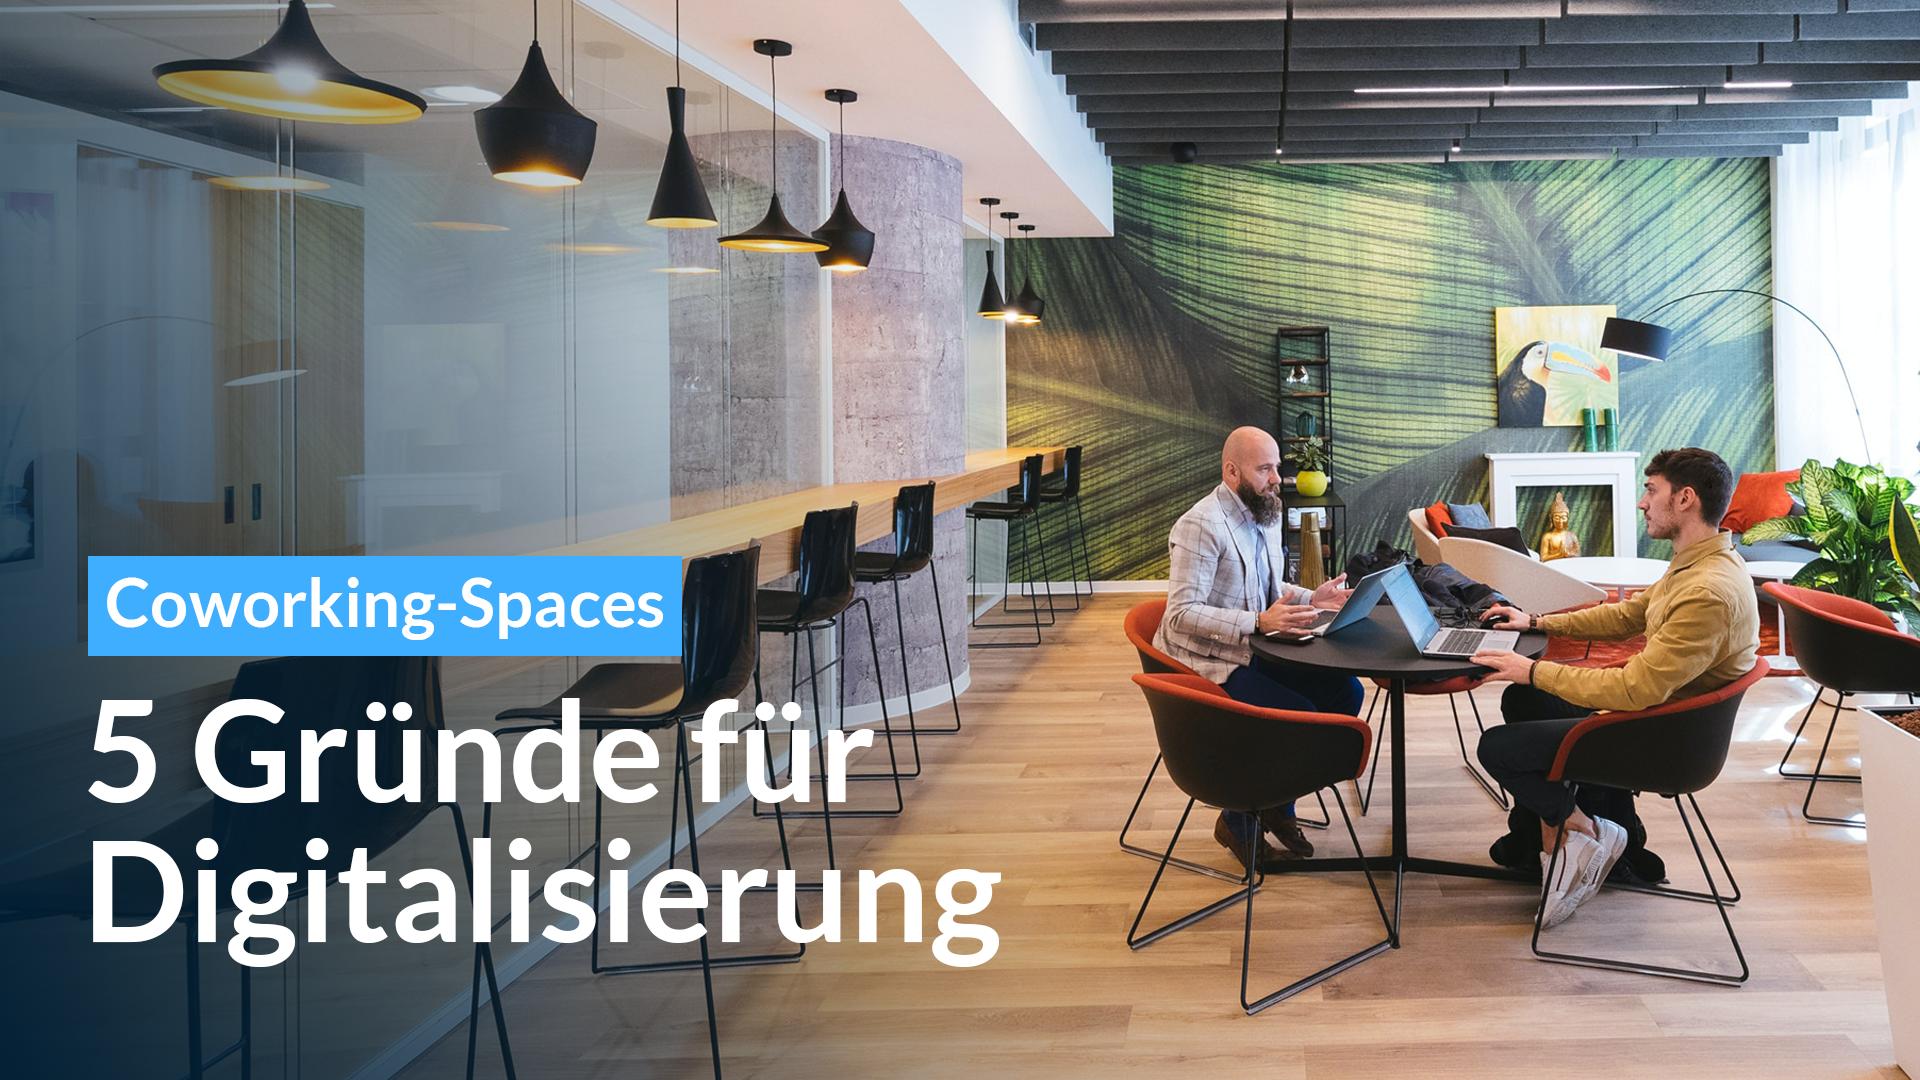 Coworking Spaces: 5 Gründe, warum sie von der Digitalisierung profitieren